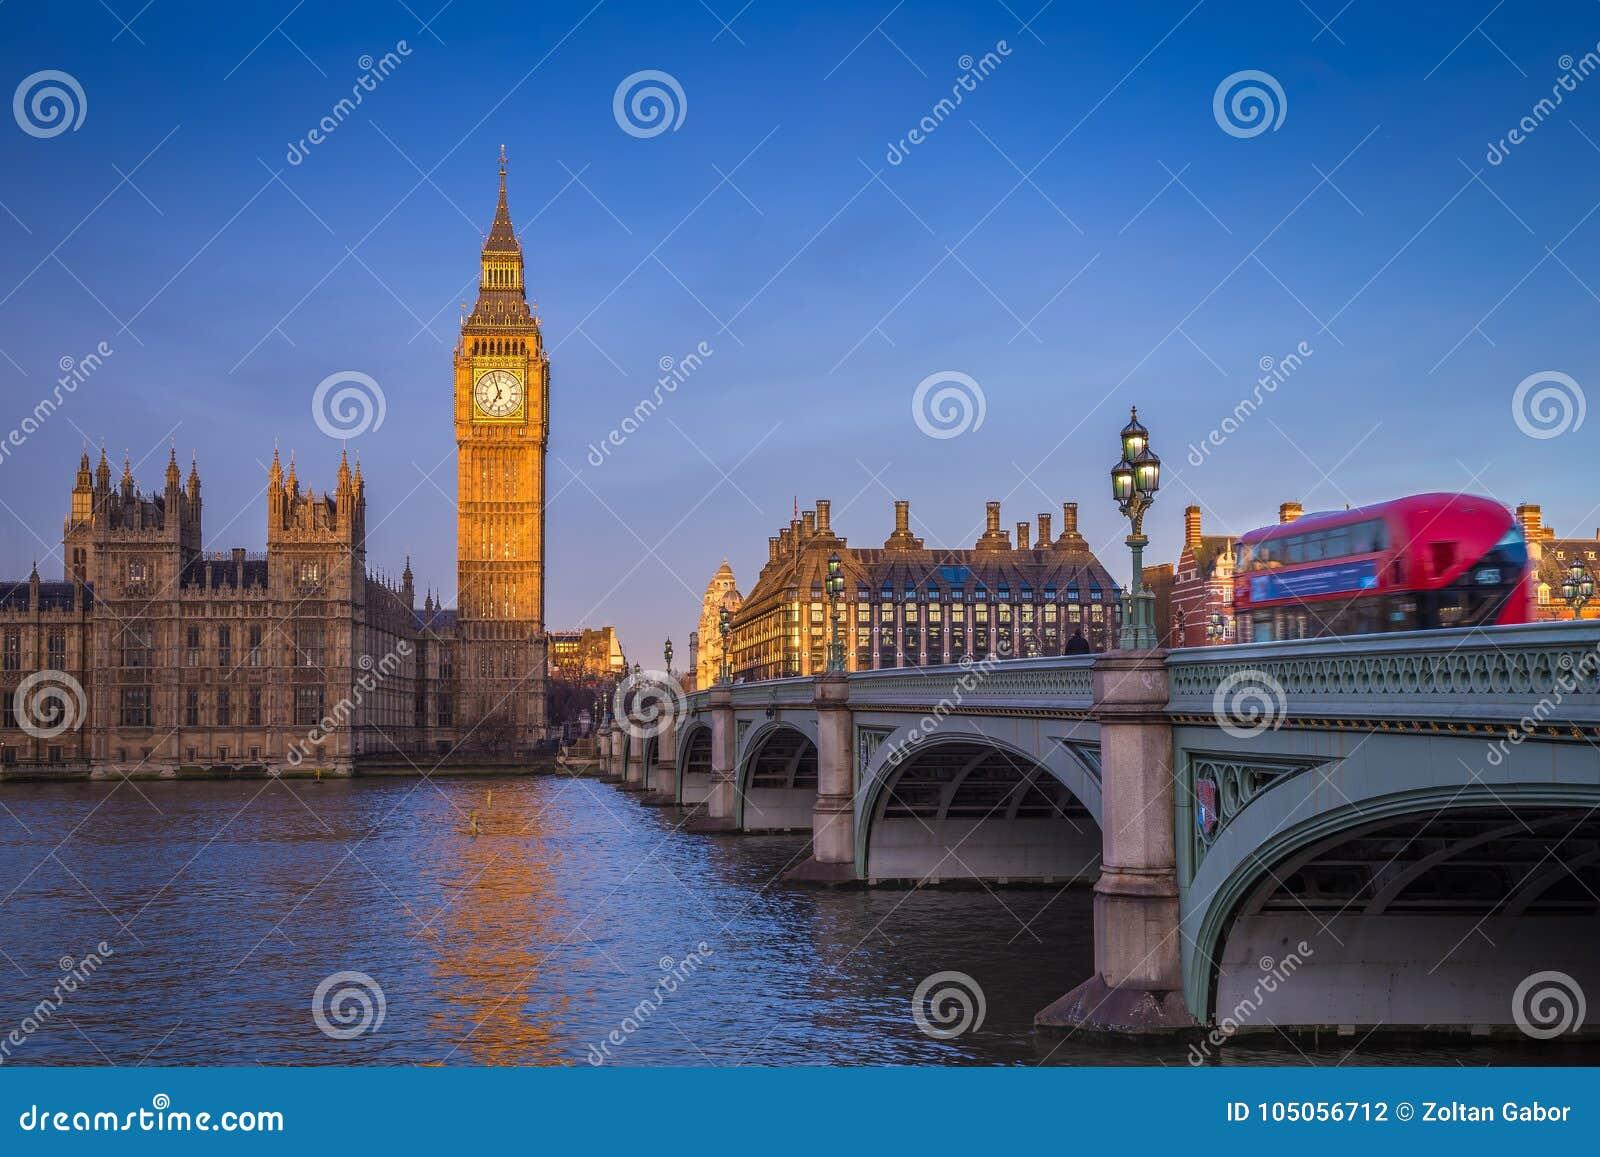 Londres, Inglaterra - Big Ben icónico con las casas del parlamento y del autobús rojo tradicional del autobús de dos pisos